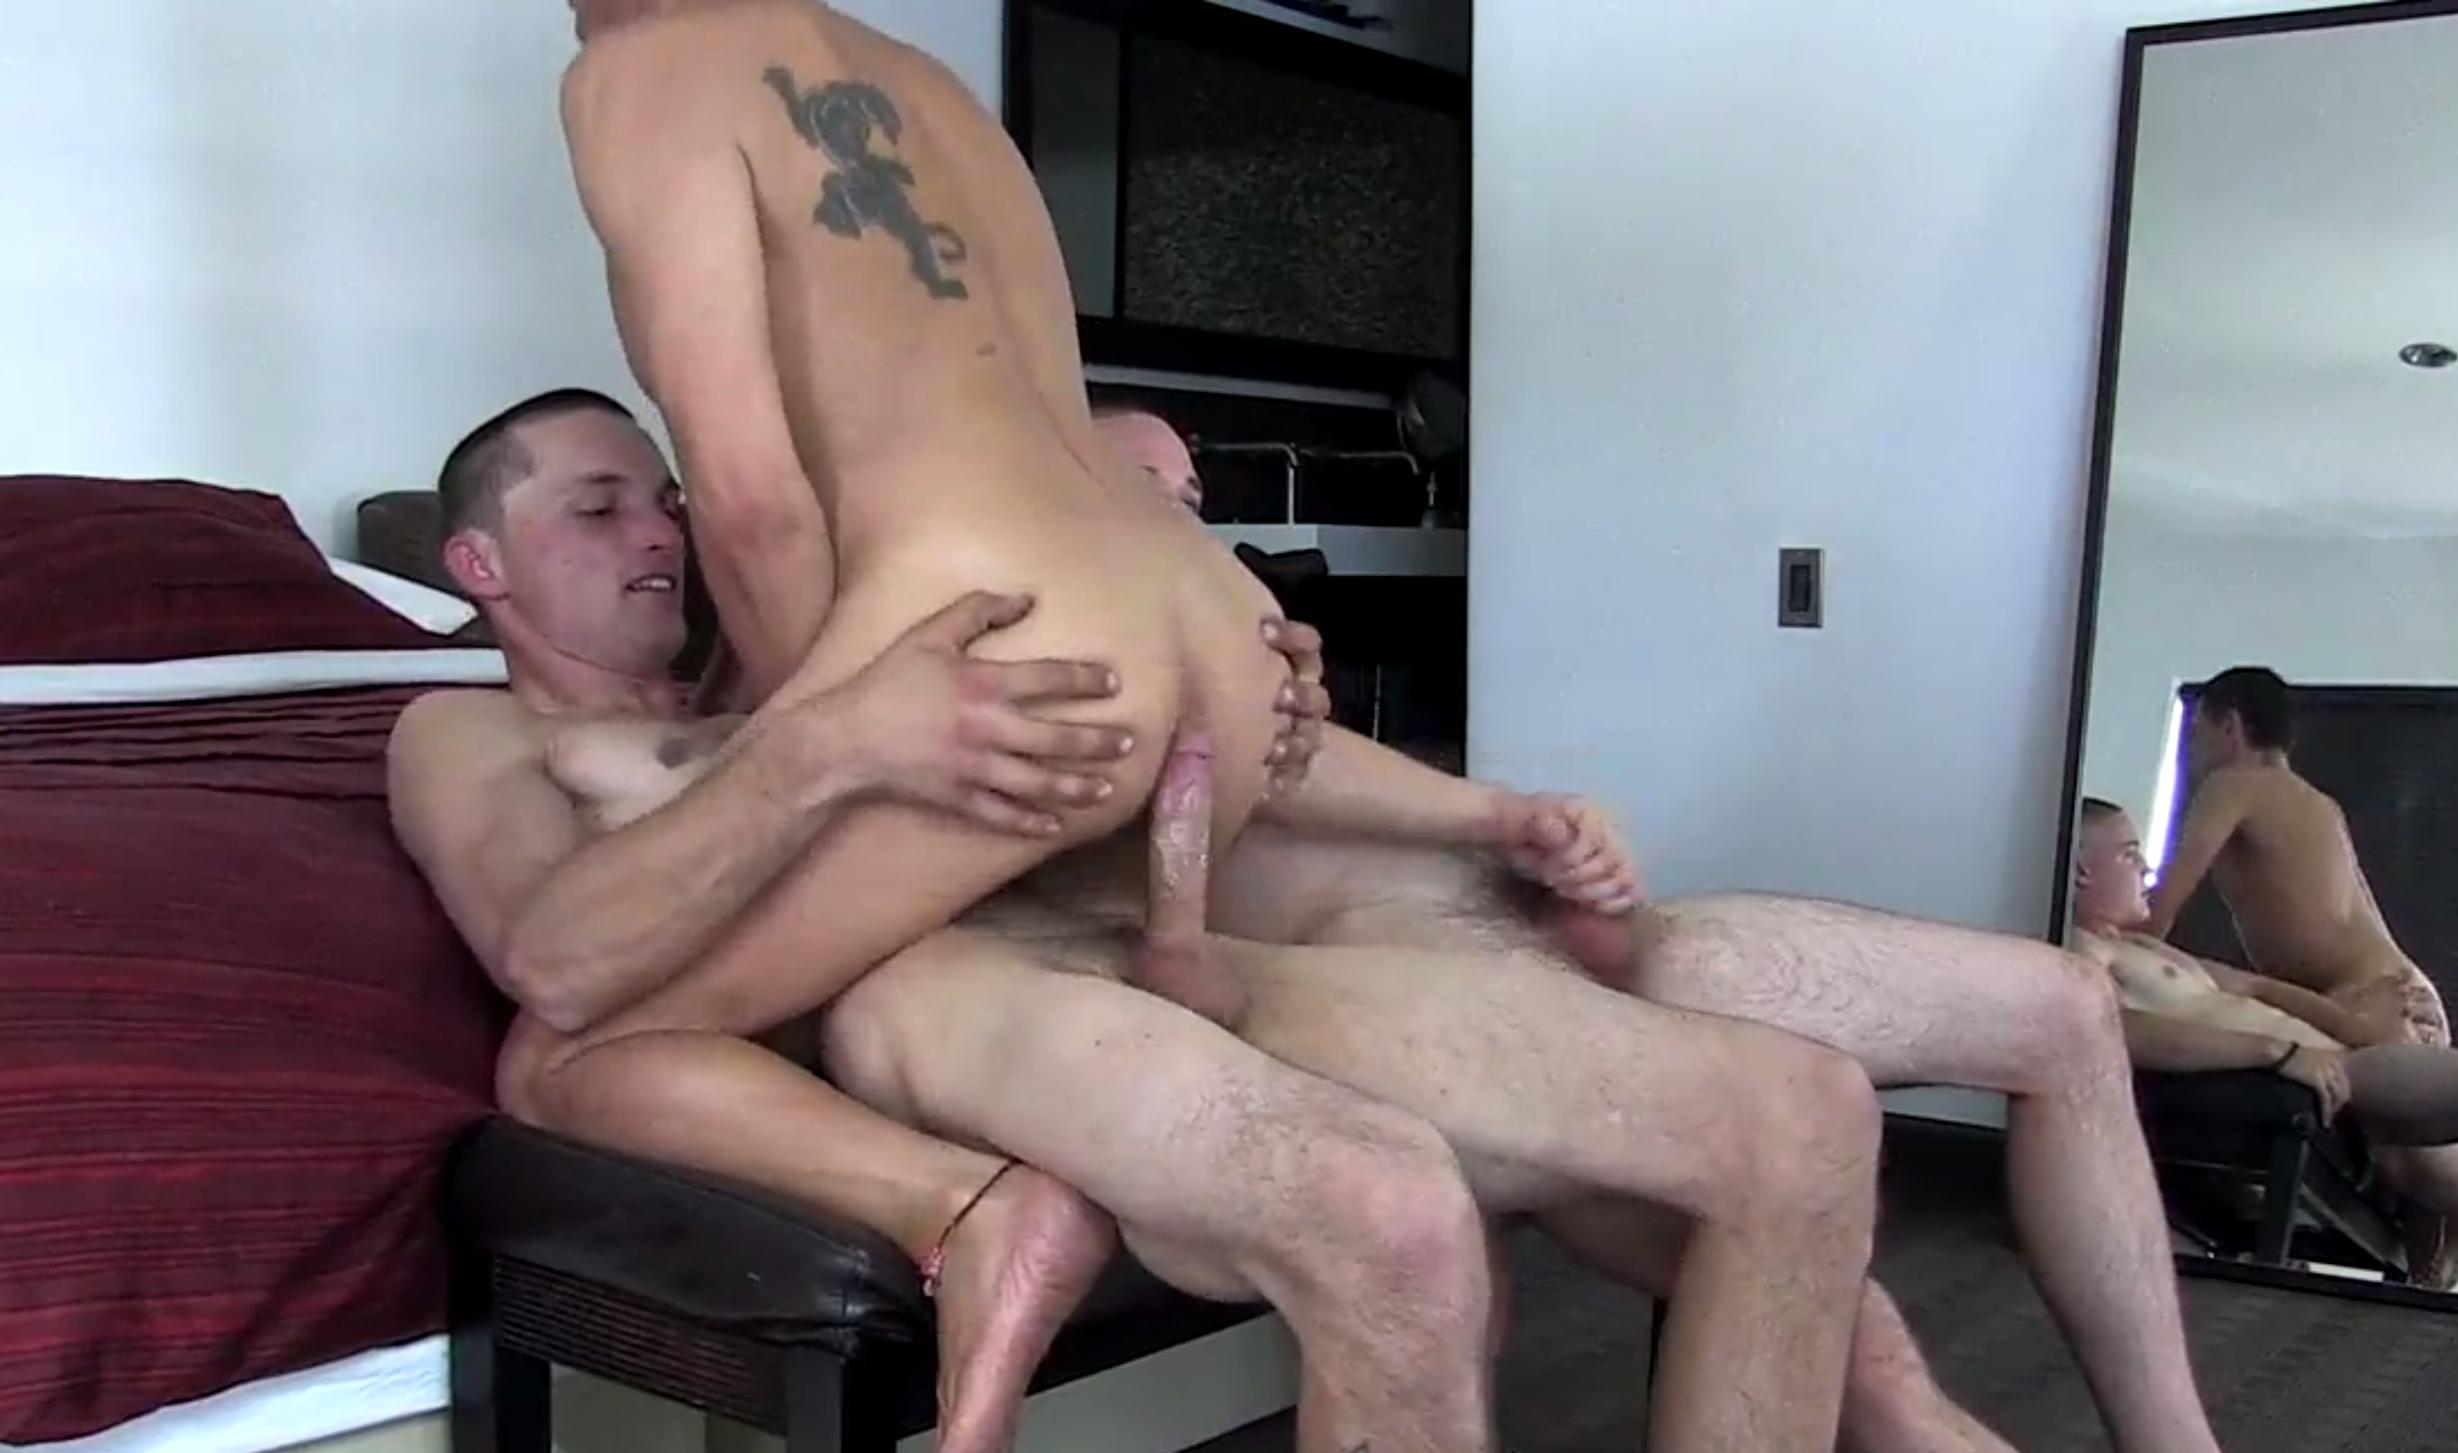 Ex-Marinheiros, Pornô Gay, Sexo Gay, Transa Gay, Militar, Safadeza, Hétero, Gay For Pay,